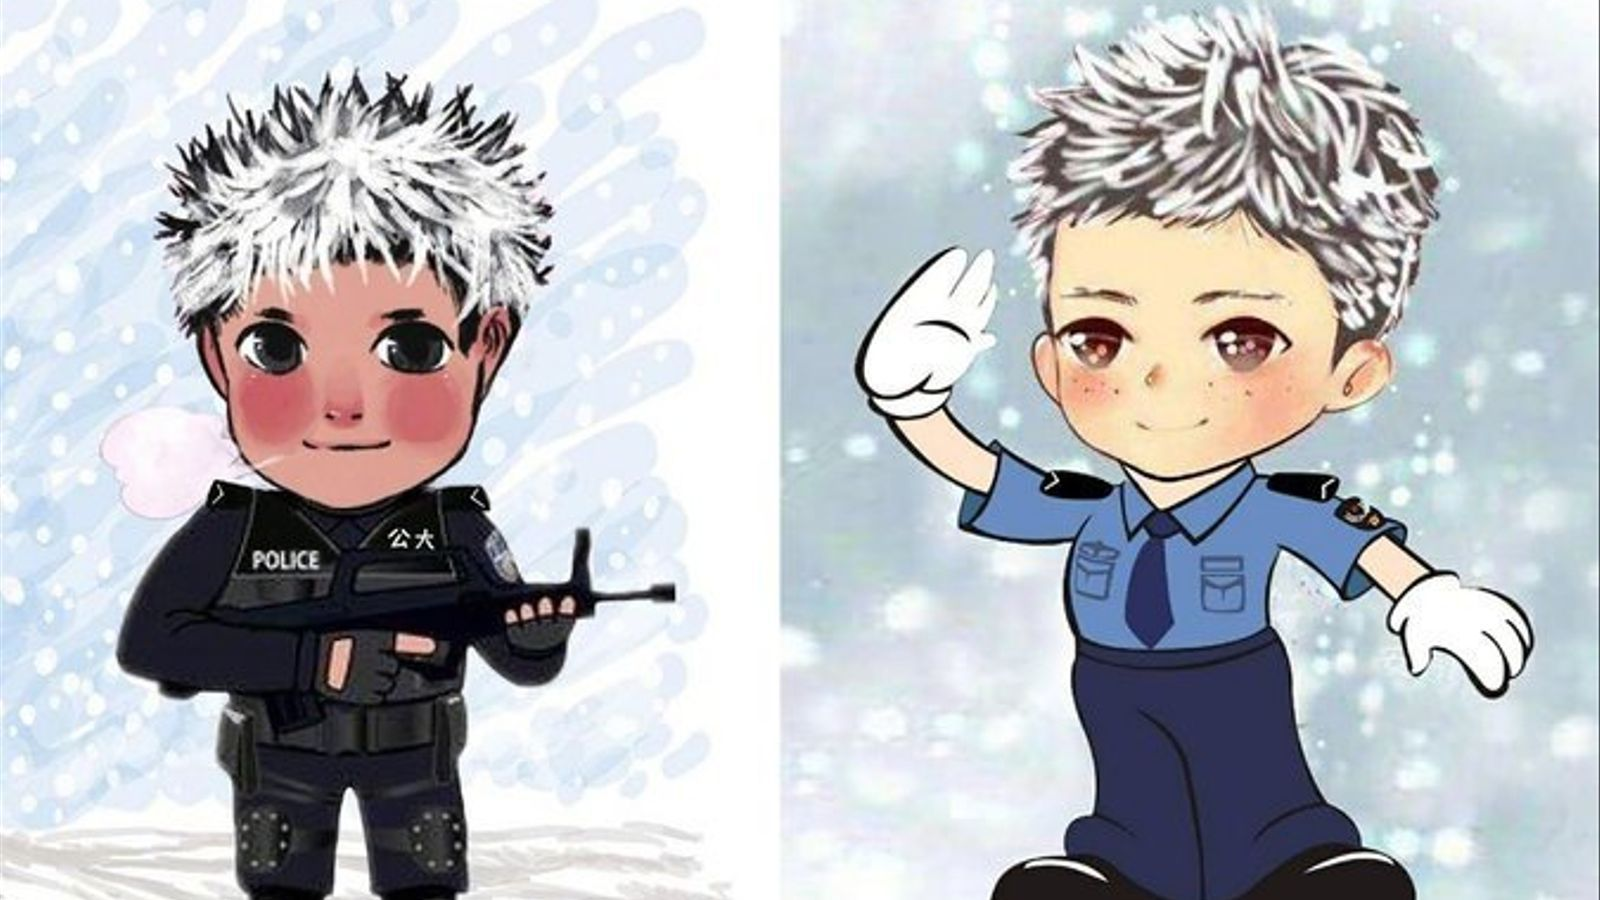 Usuaris d'Internet van fer dibuixos del 'nen de gel' vestit de policia, un dels seus somnis